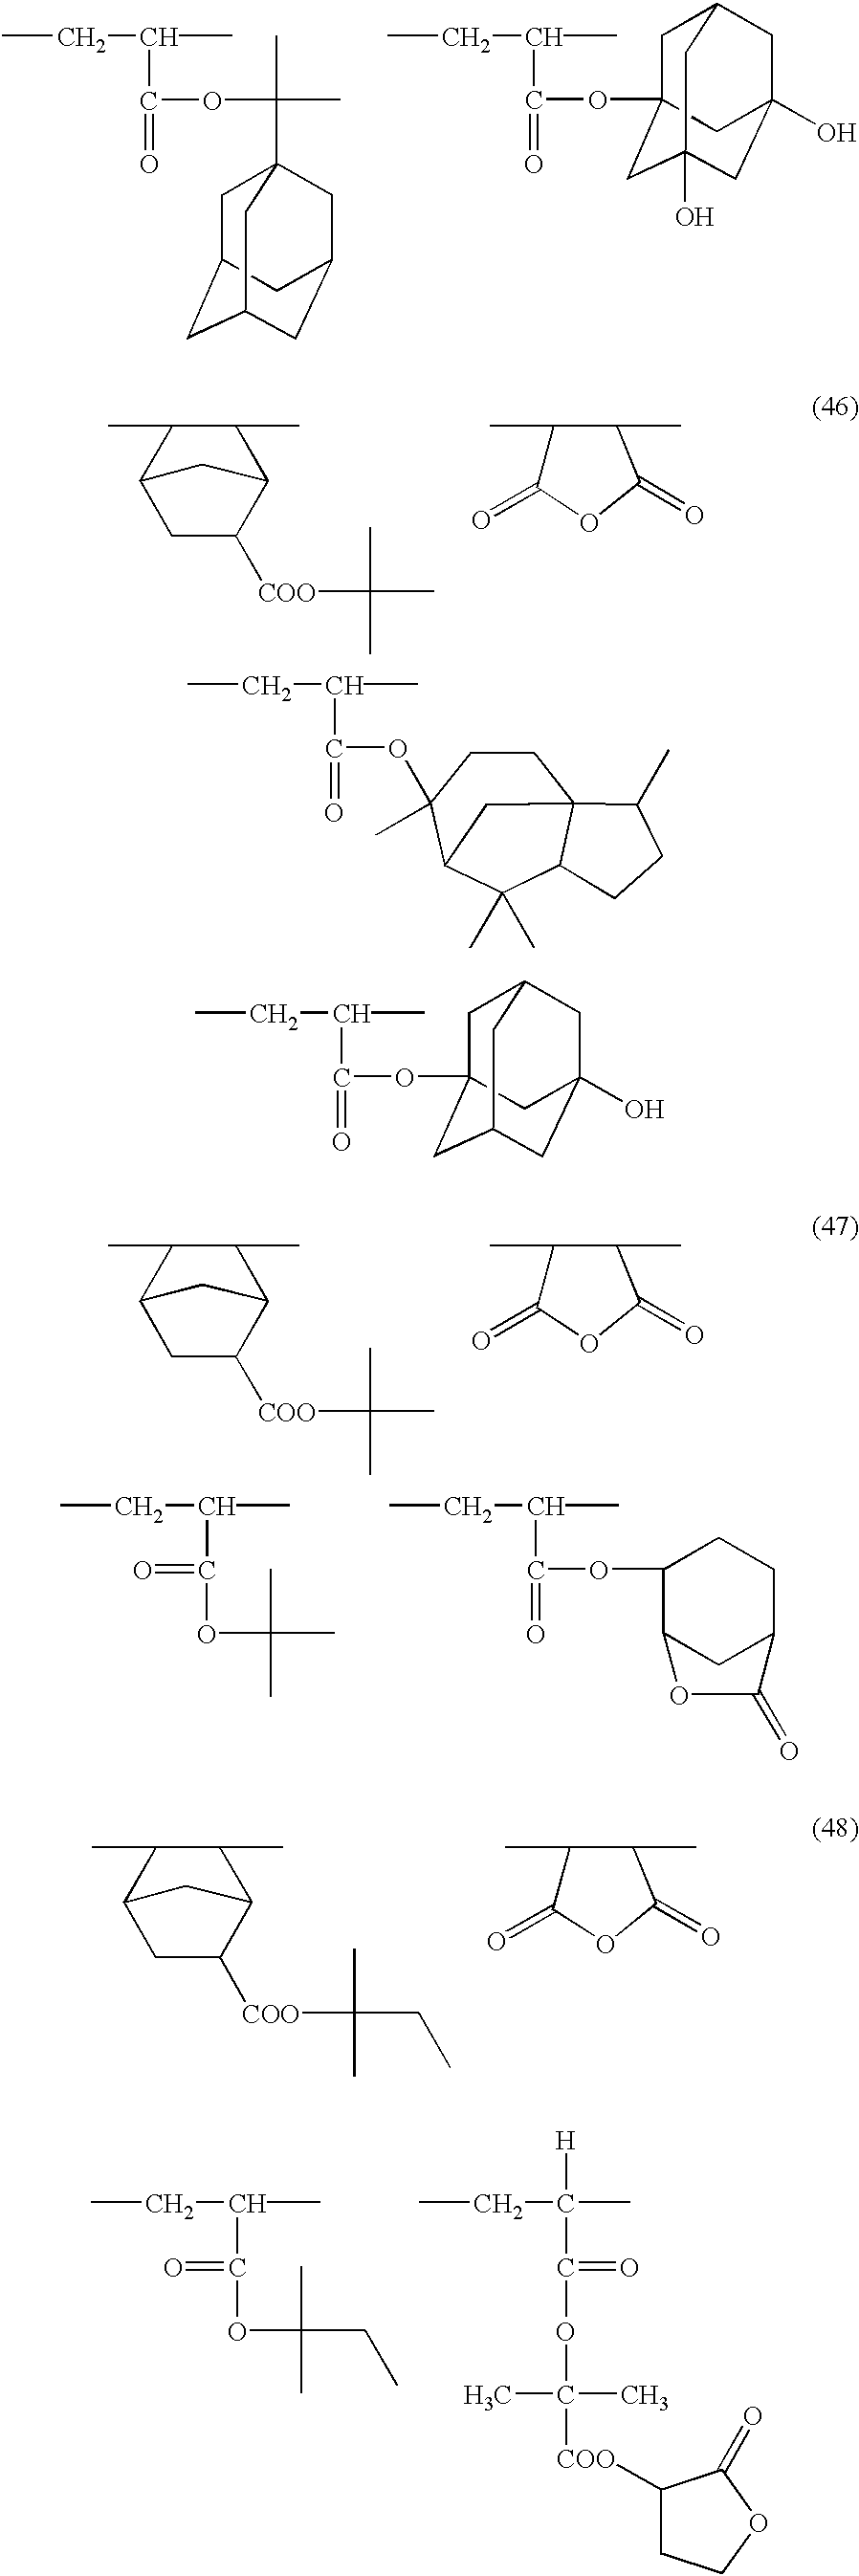 Figure US06492091-20021210-C00106